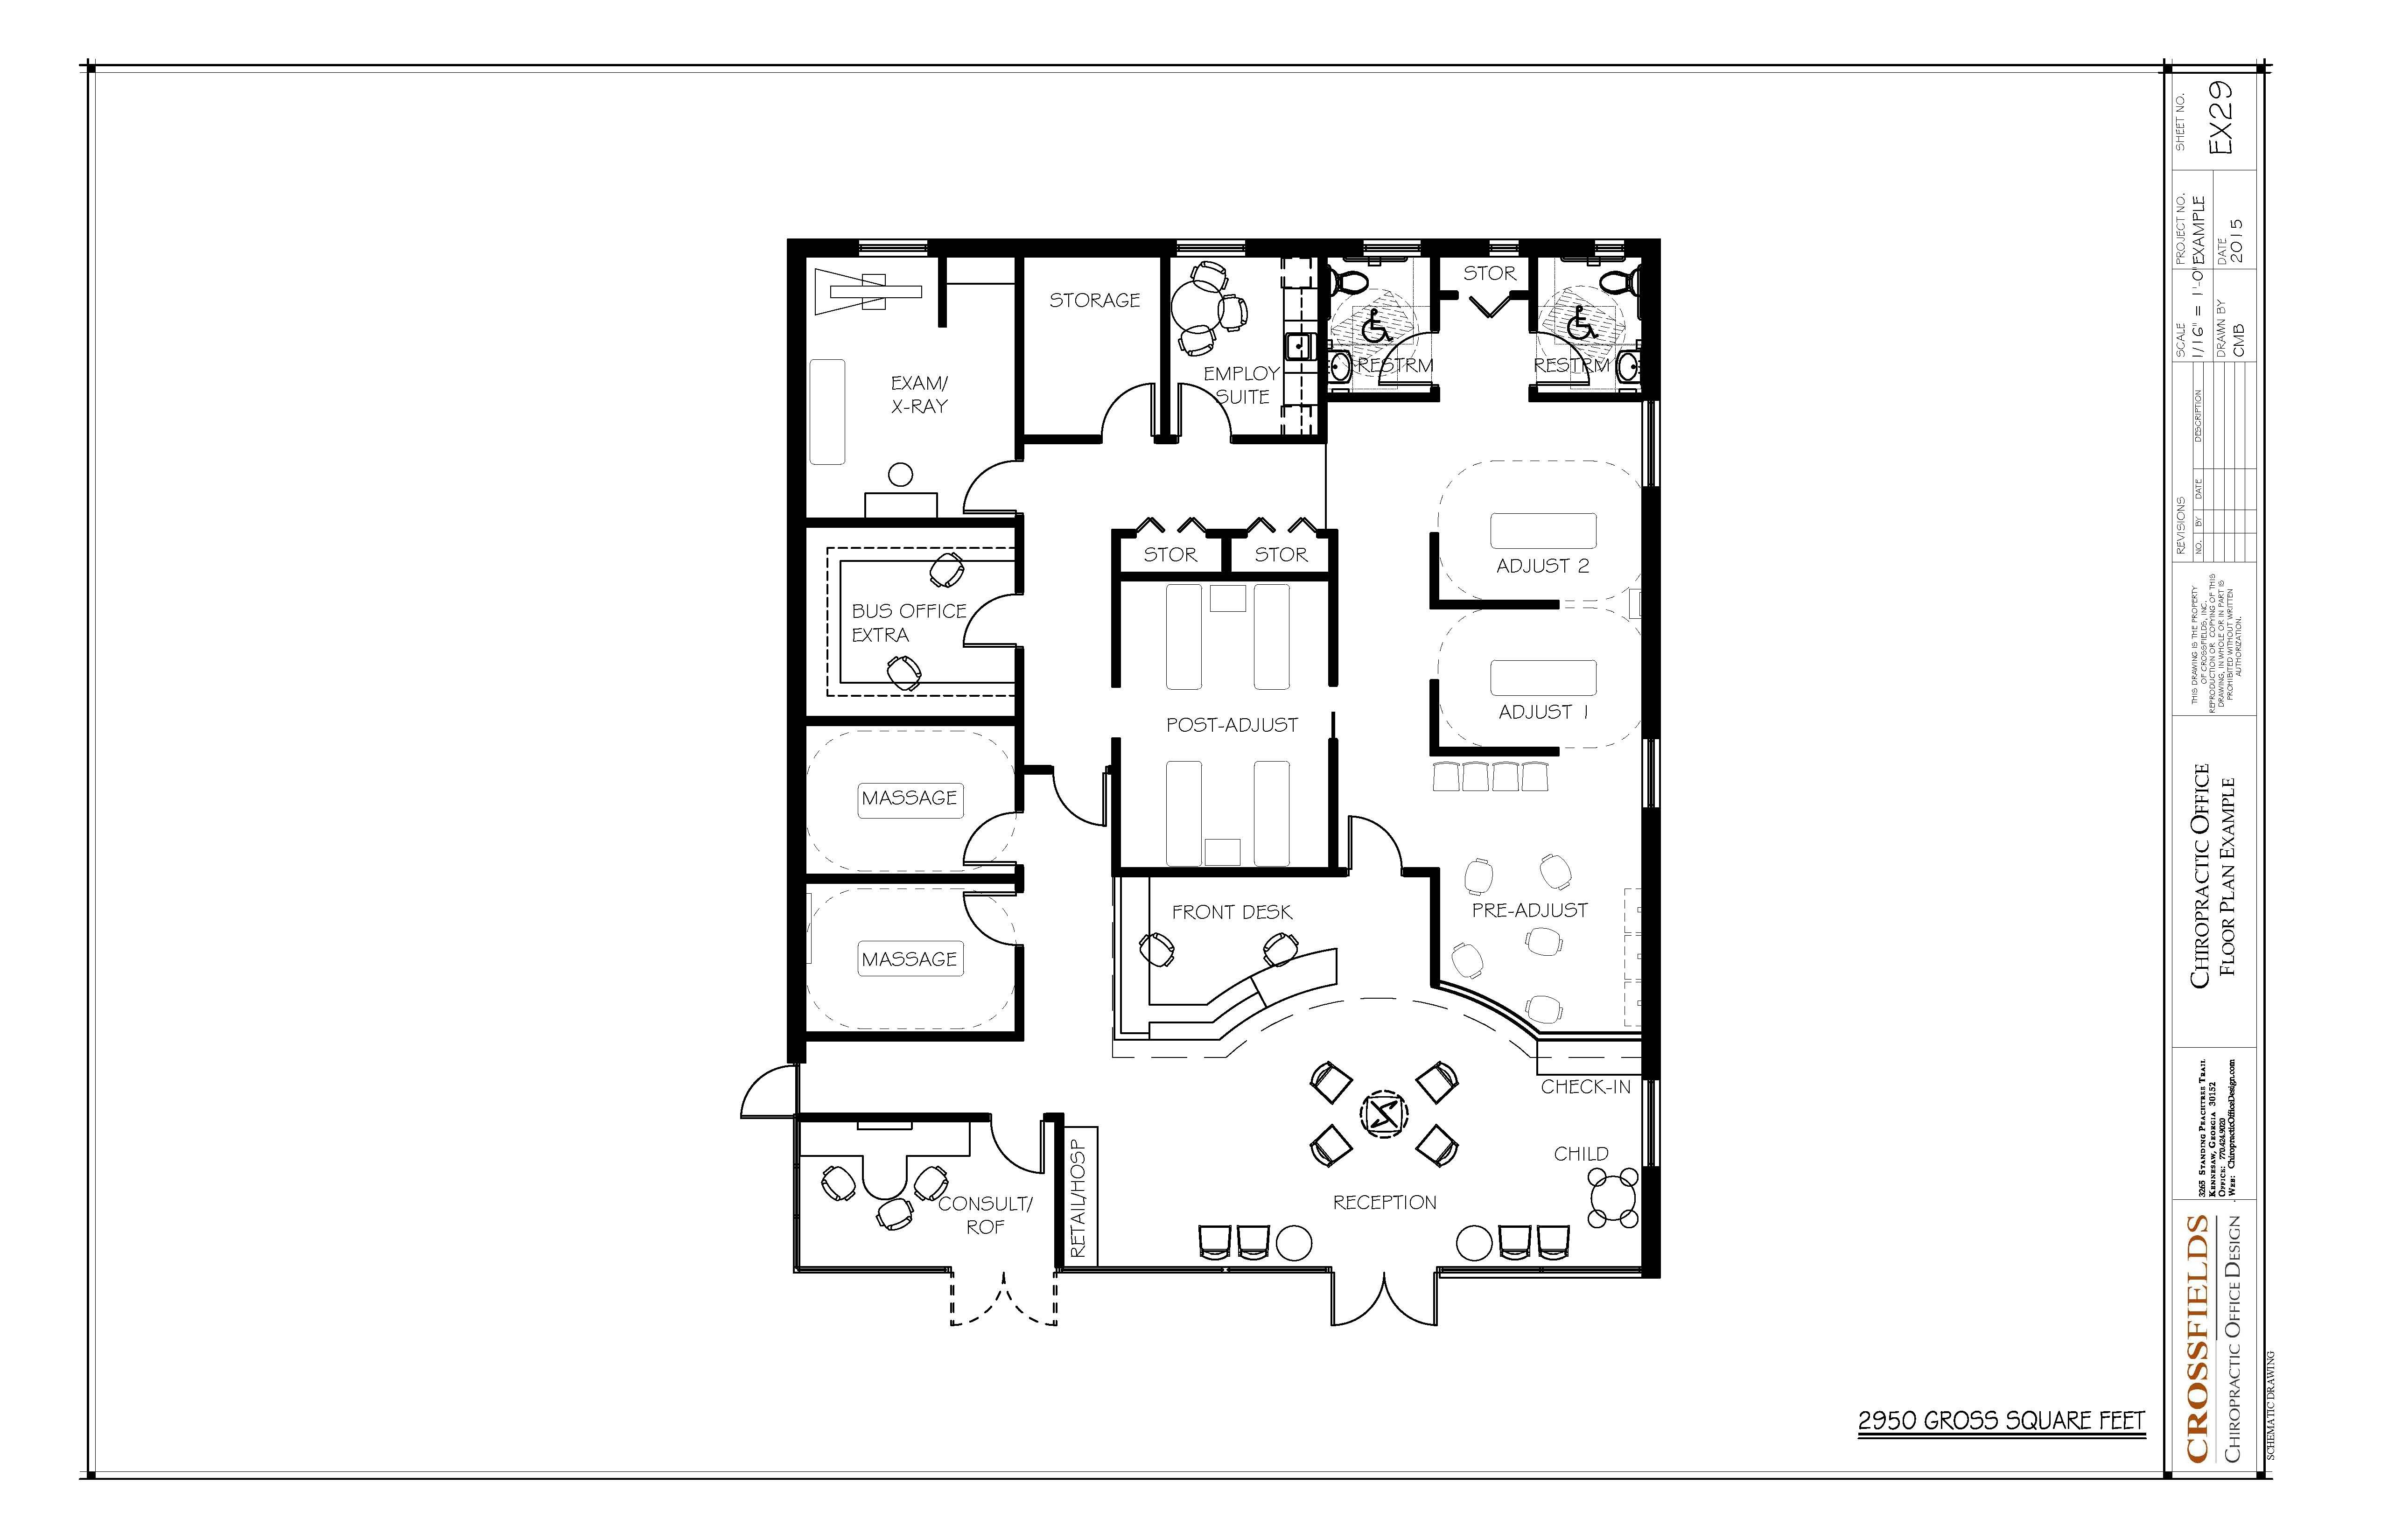 Chiropractic Office Floor Plans Chiropractic Floor Plans